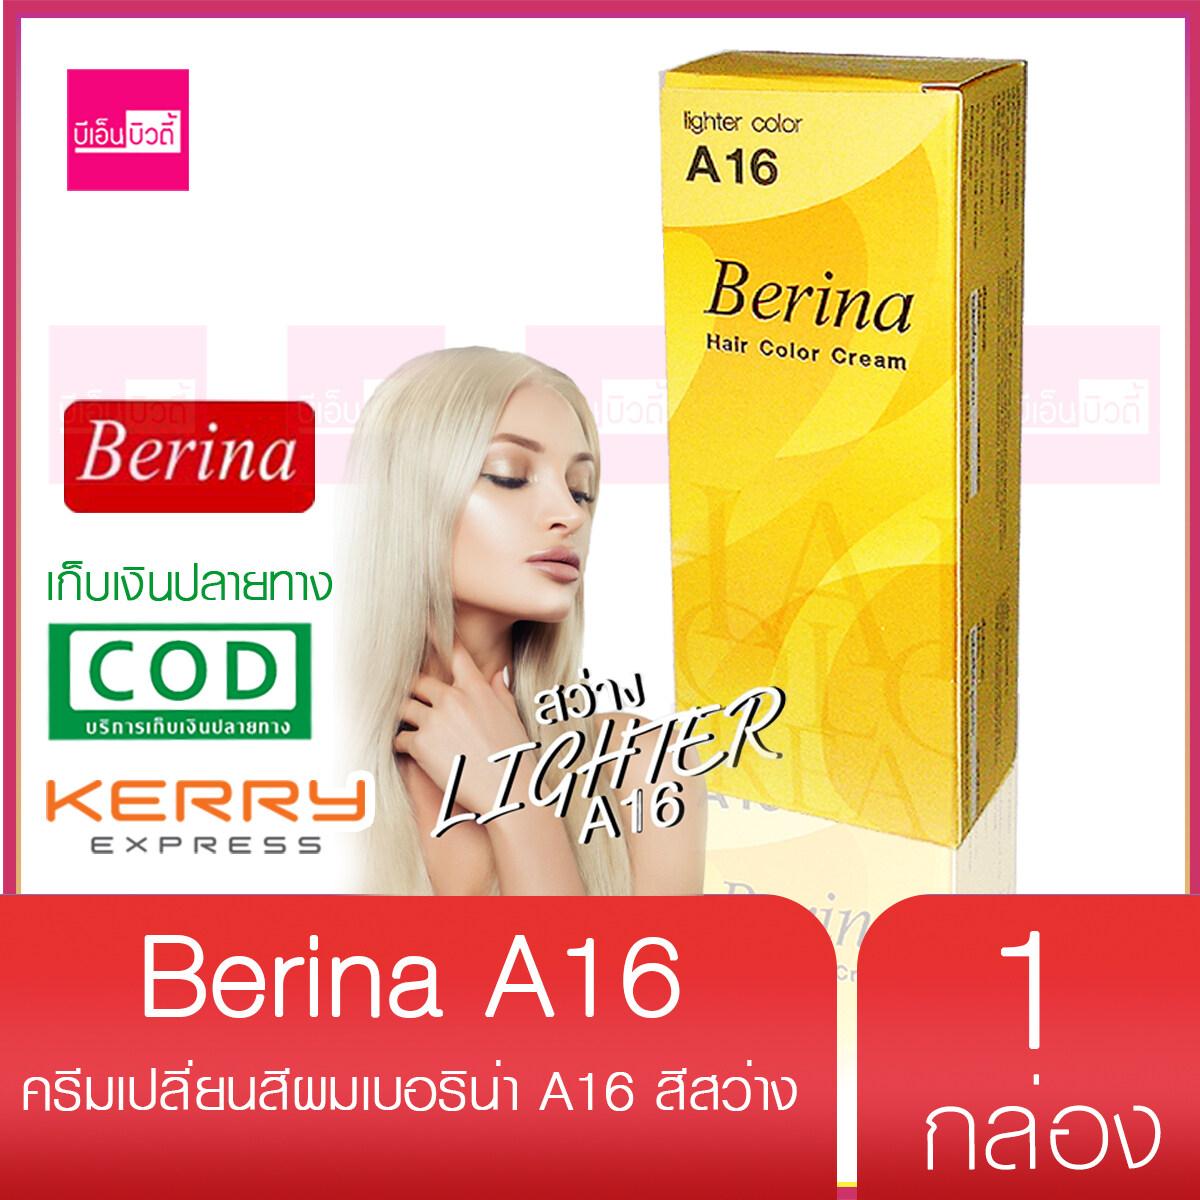 [ส่งkerry] เบอริน่า A16 สีสว่าง Berina A16 Lighter Color / Berina / สีผม /ครีมย้อมผม /ครีมเปลี่ยนสีผม.